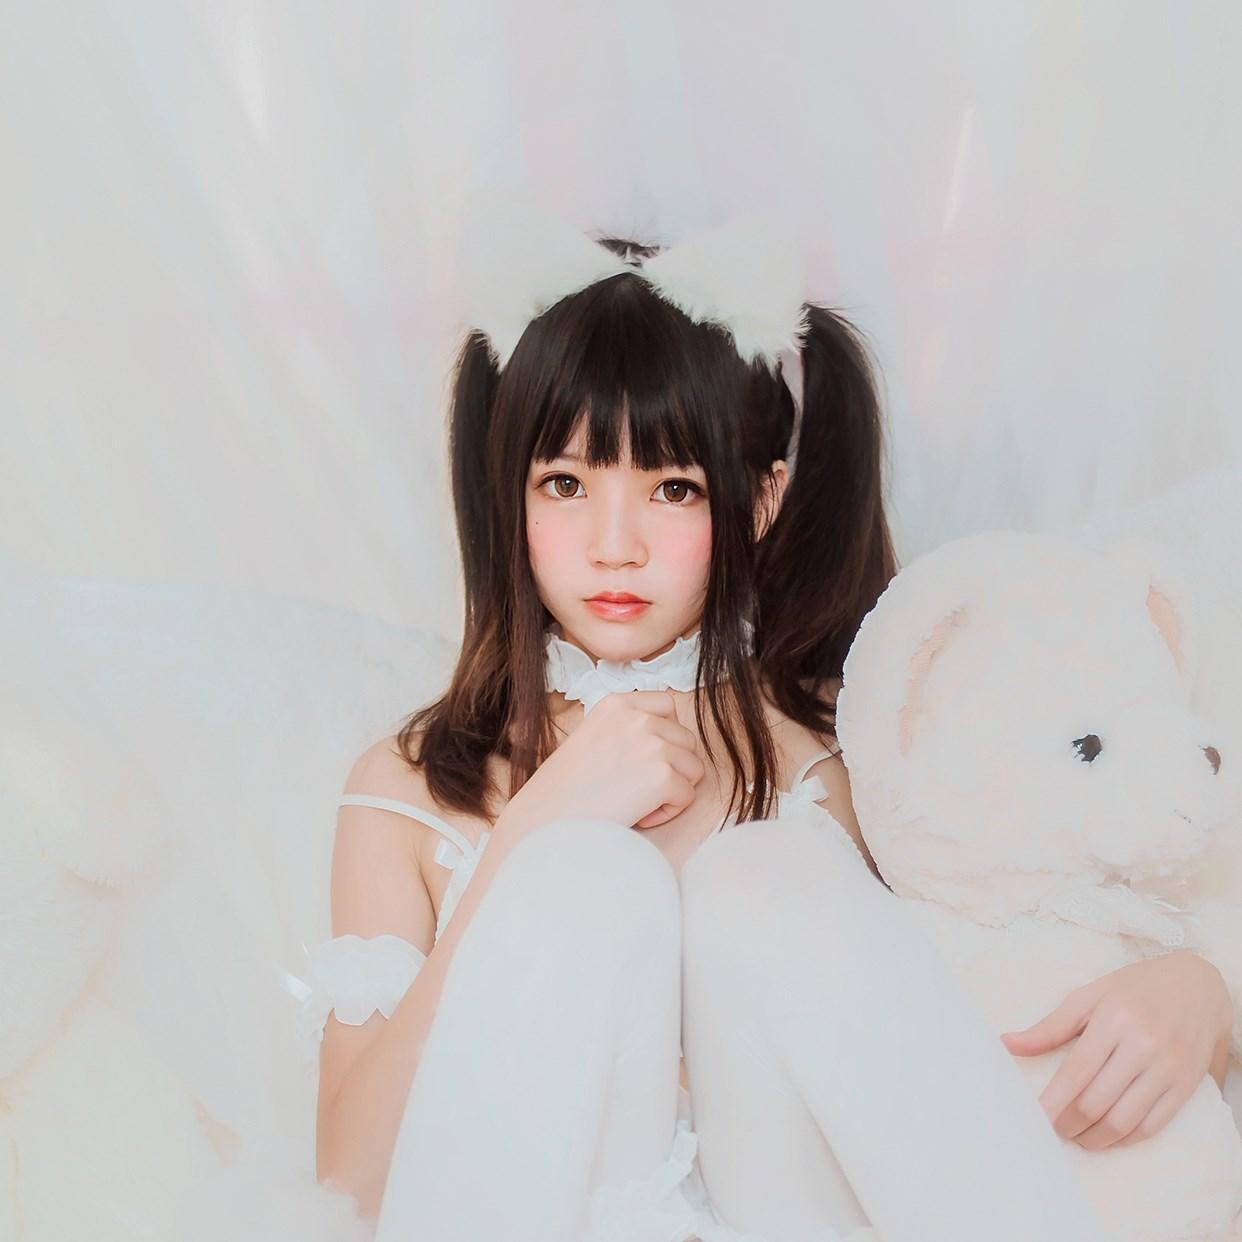 【兔玩映画】喵喵睡衣 兔玩映画 第15张